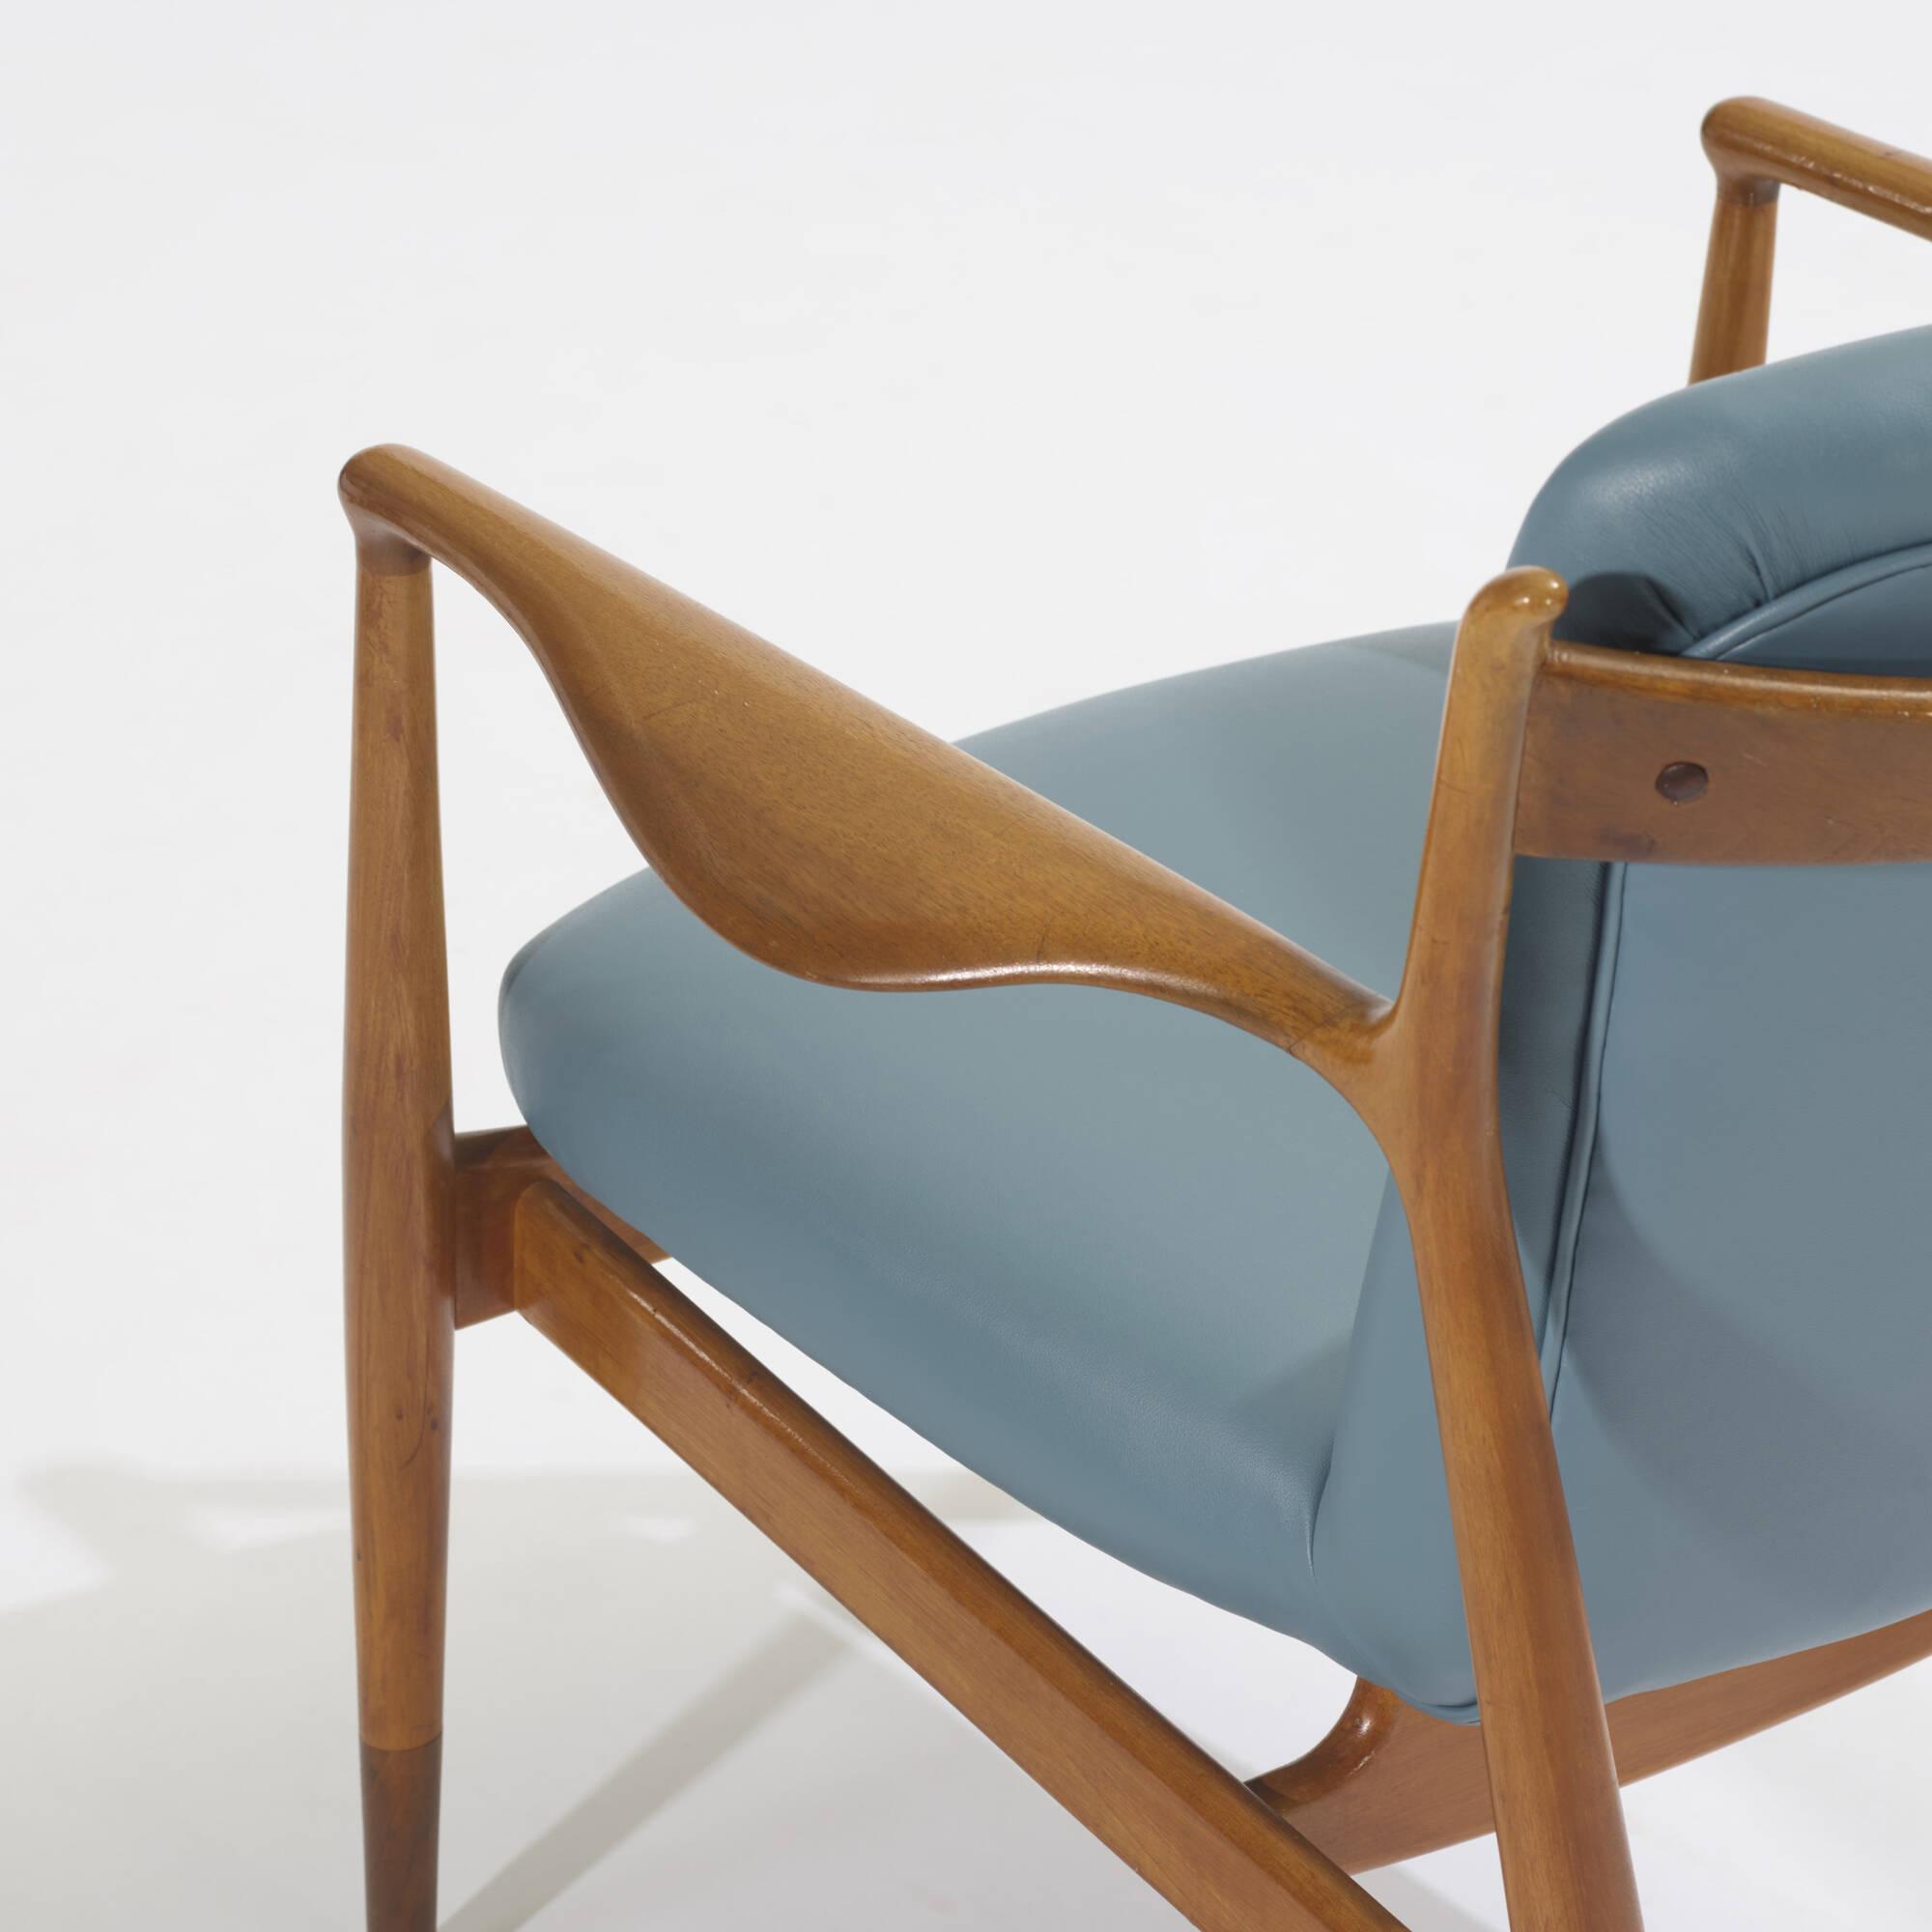 133: Finn Juhl / set of three chairs (3 of 3)